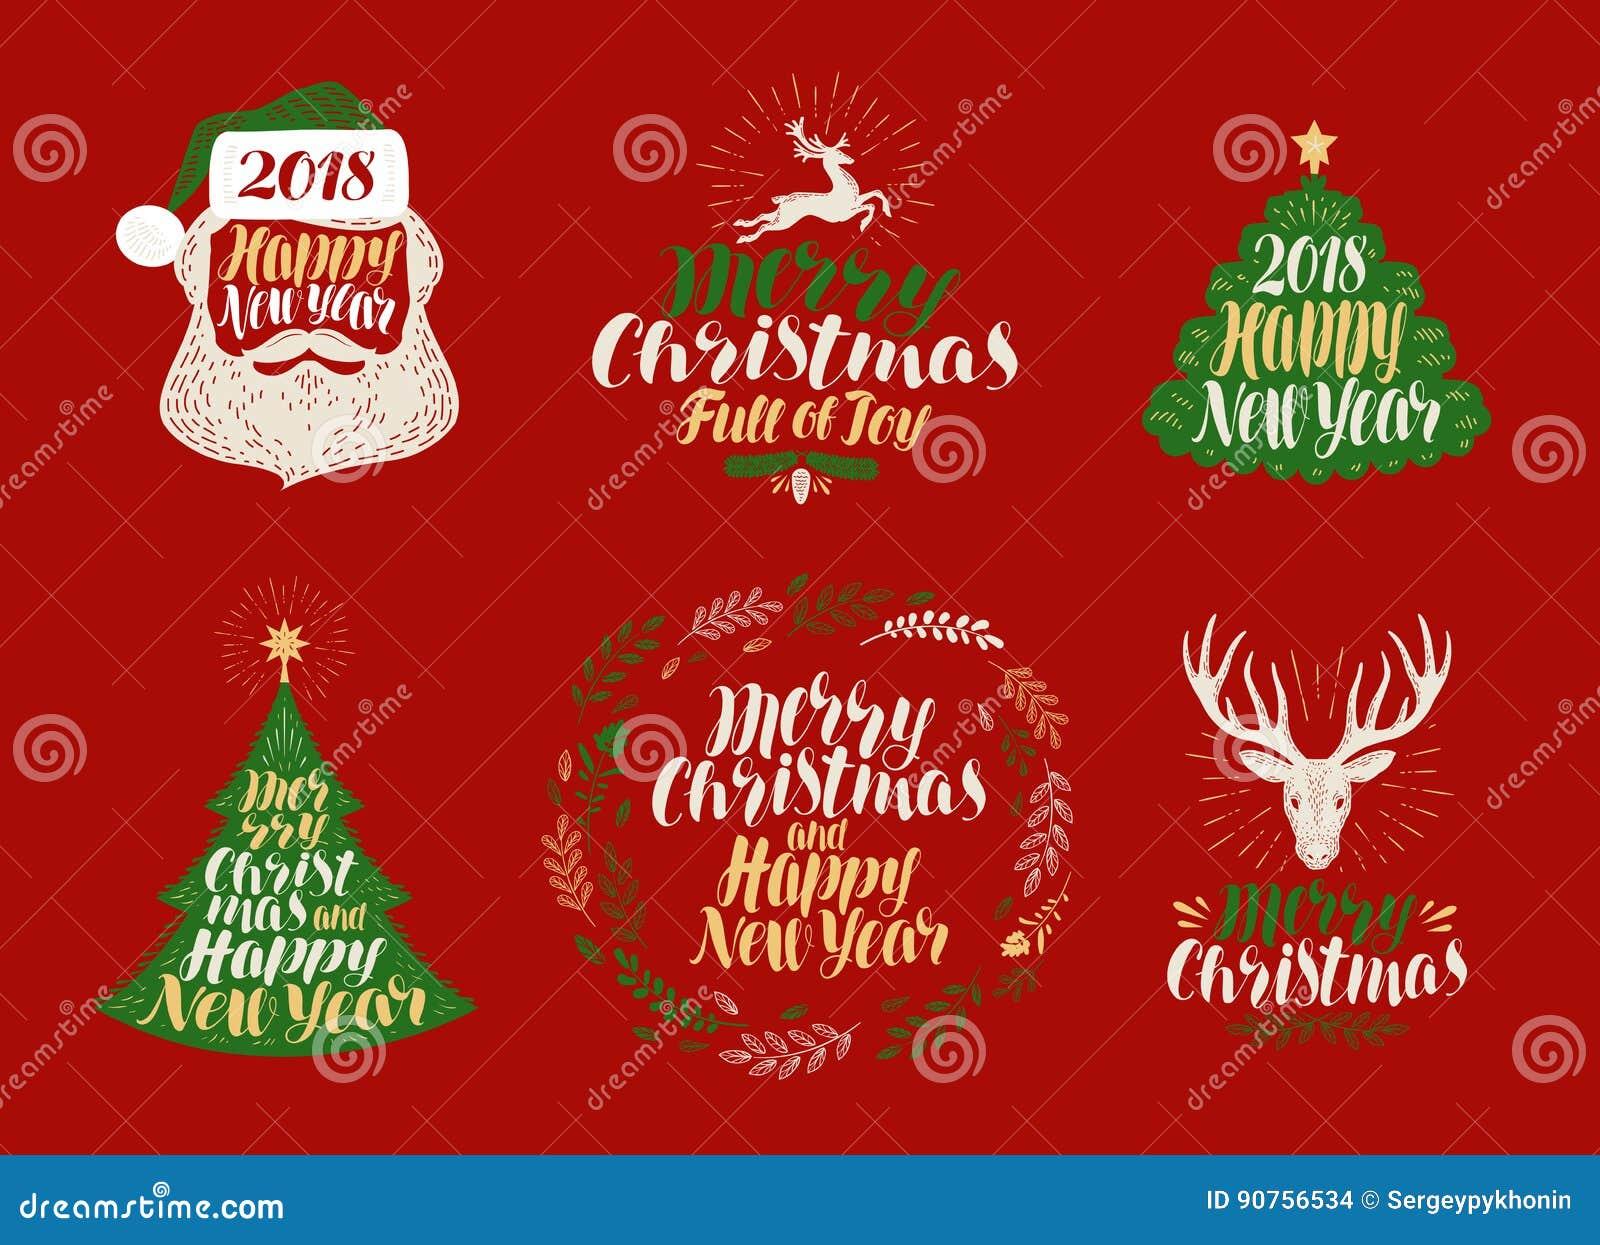 Frohe Weihnachten Einen Guten Rutsch Ins Neue Jahr.Frohe Weihnachten Und Guten Rutsch Ins Neue Jahr Kennsatzfamilie